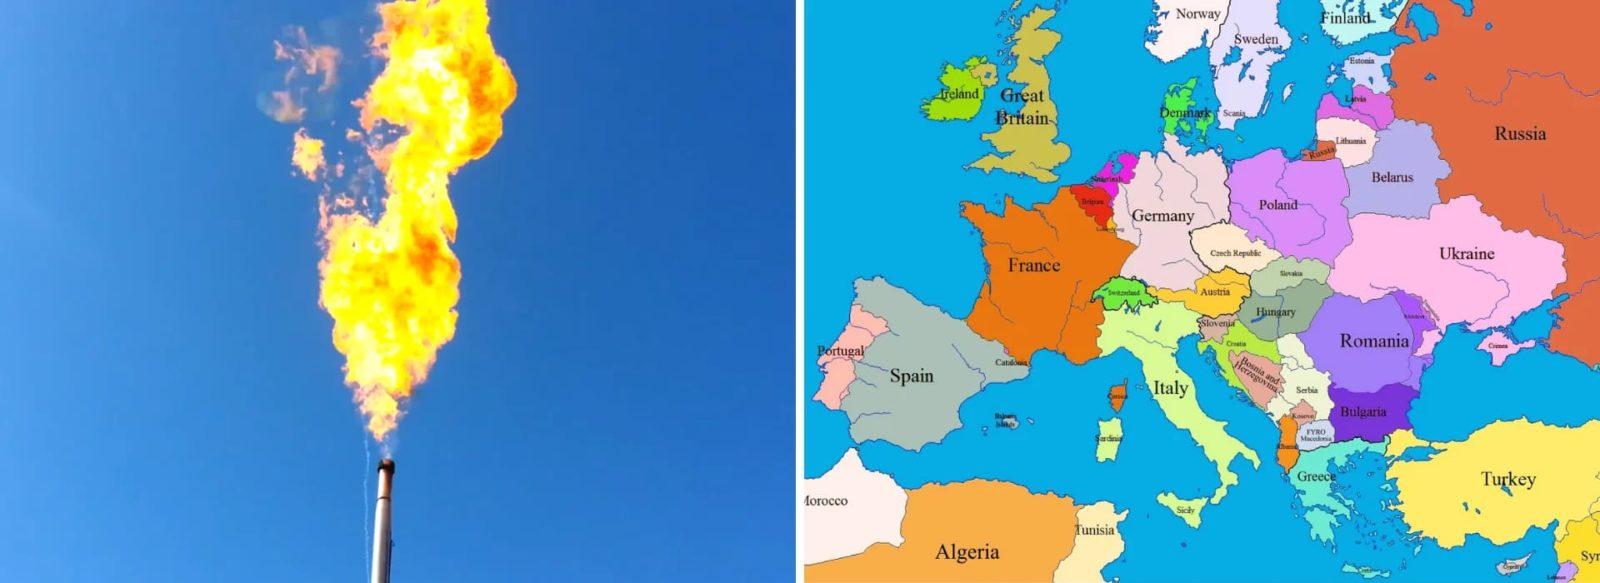 Почему выросли цены на газ в Европе 1